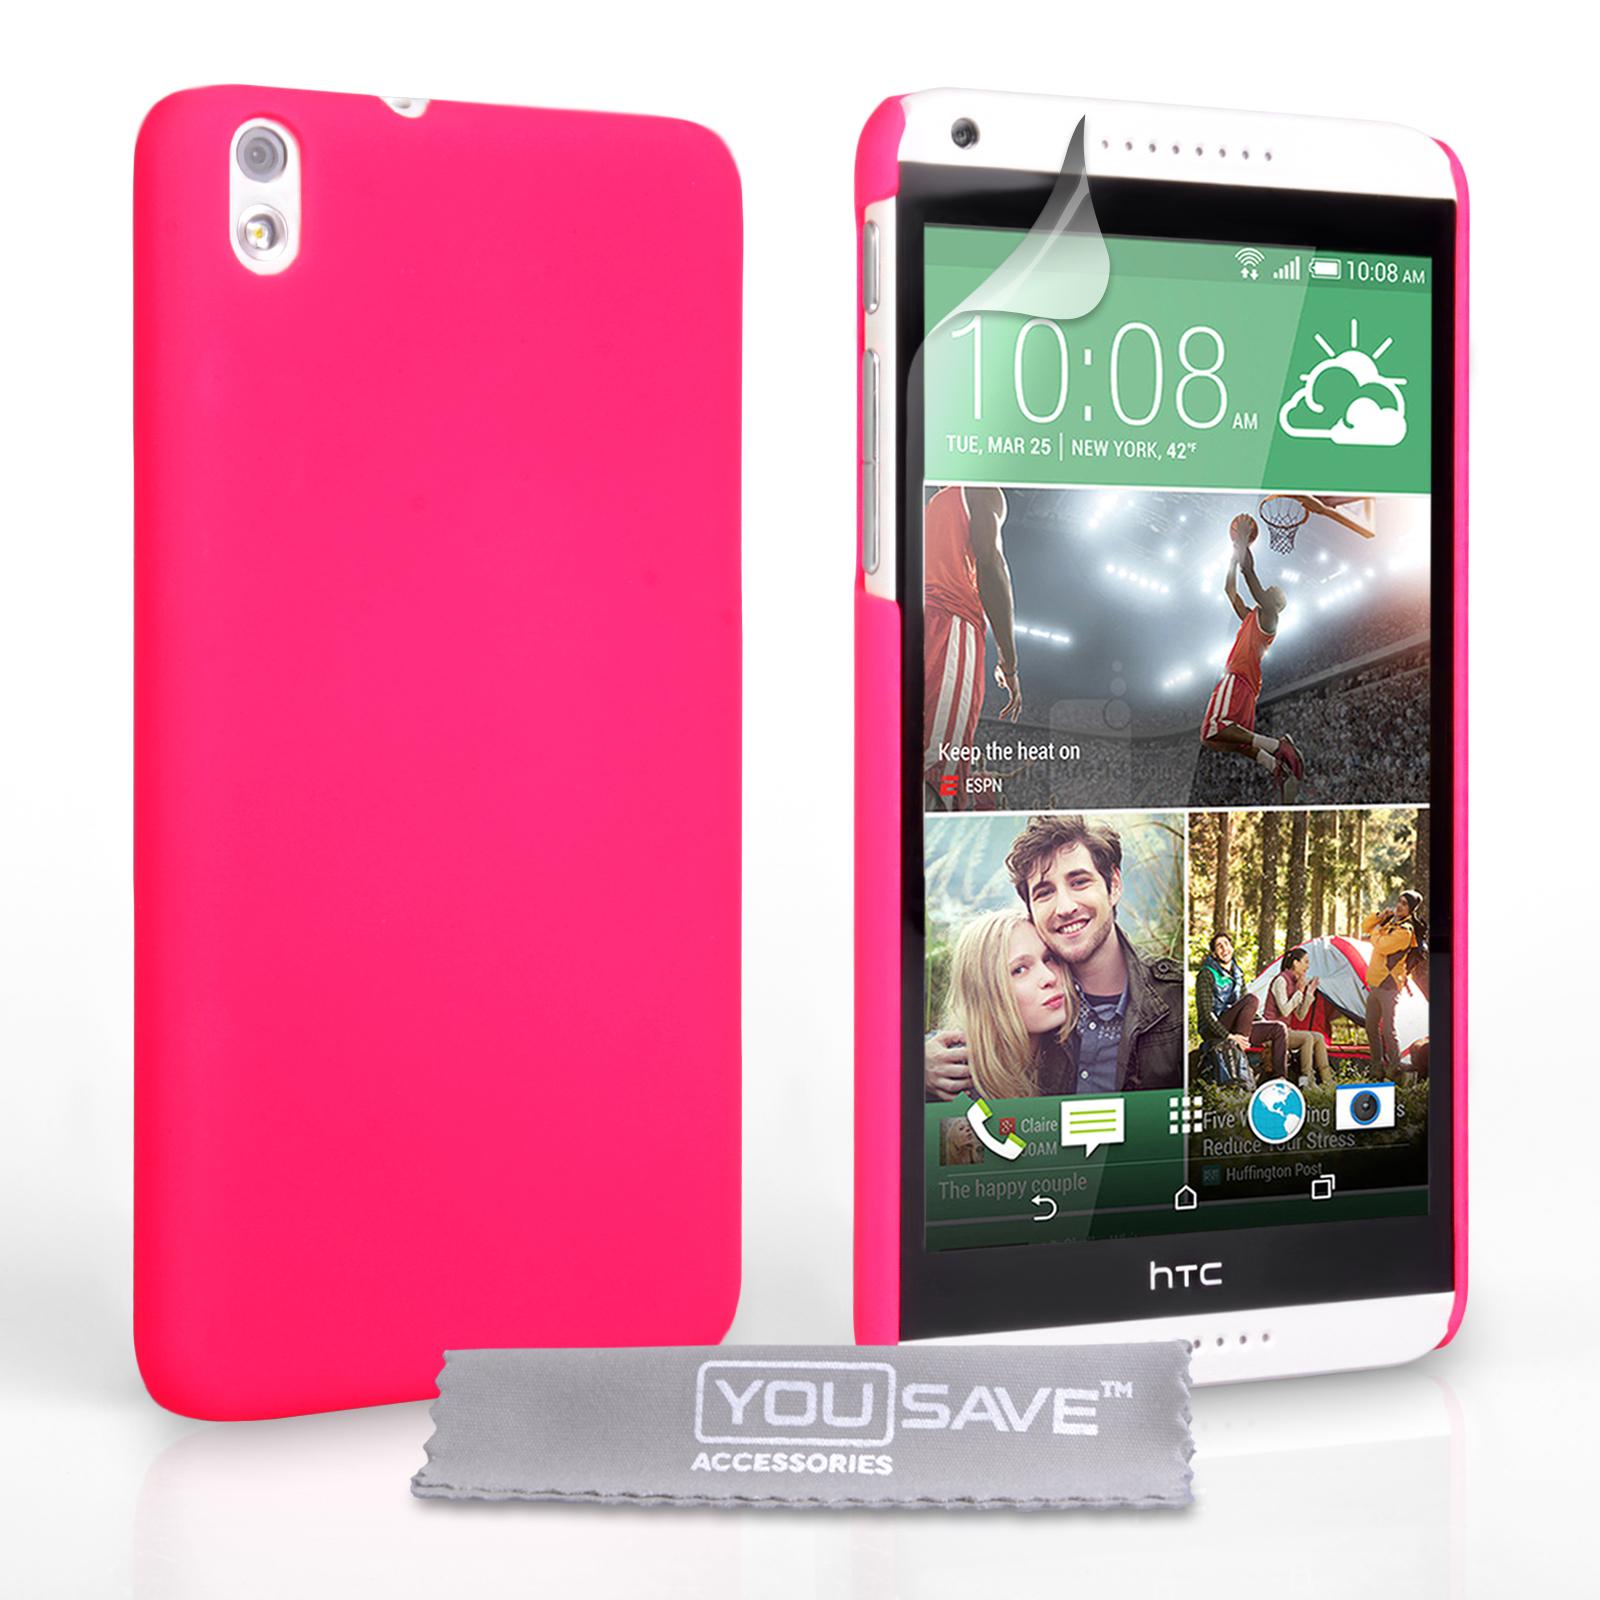 Θήκη HTC Desire 816 by YouSave (Z390)